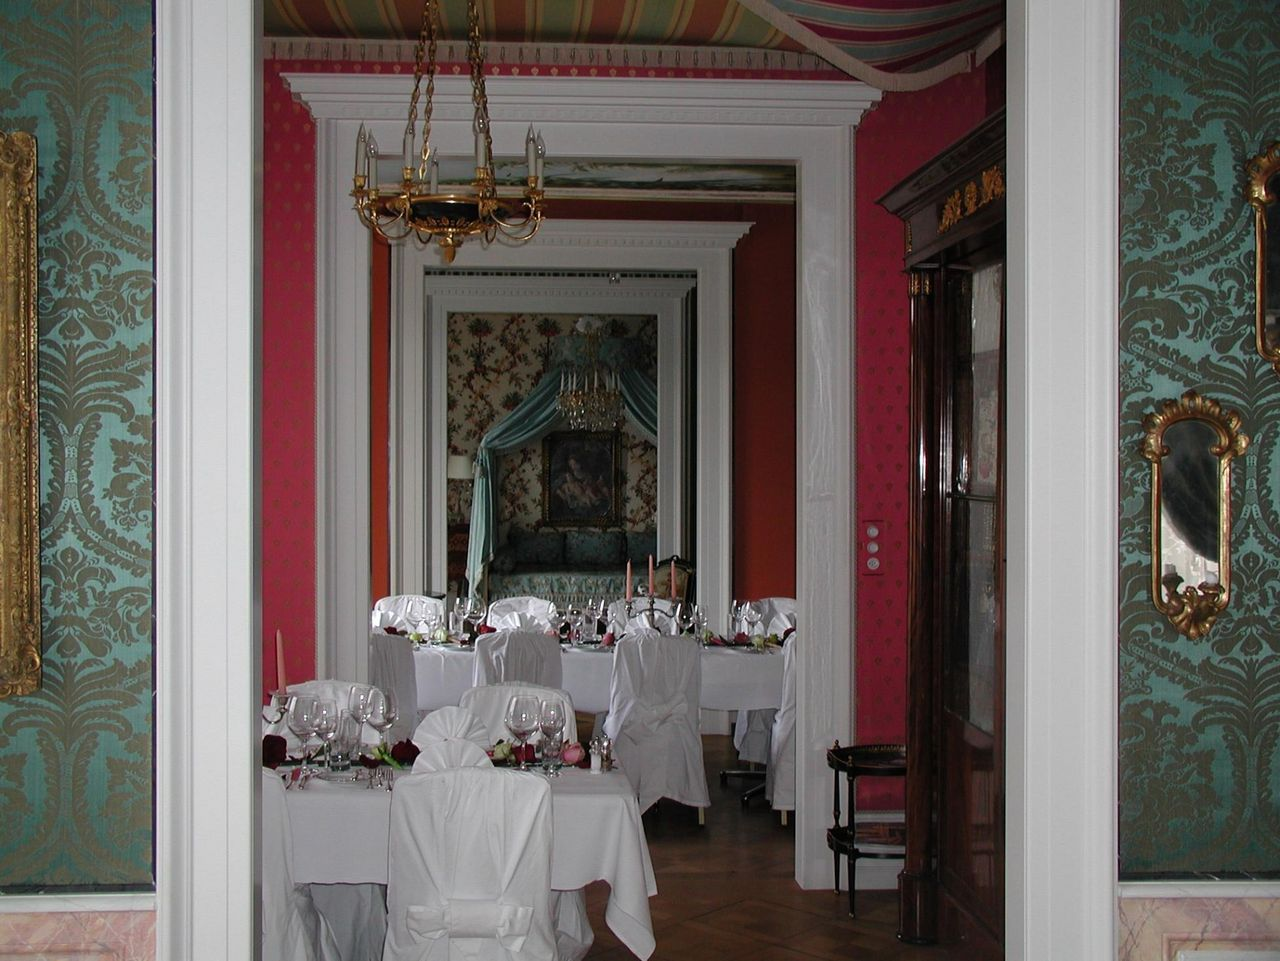 Jugendstil apartment of interior designer Beat Studer